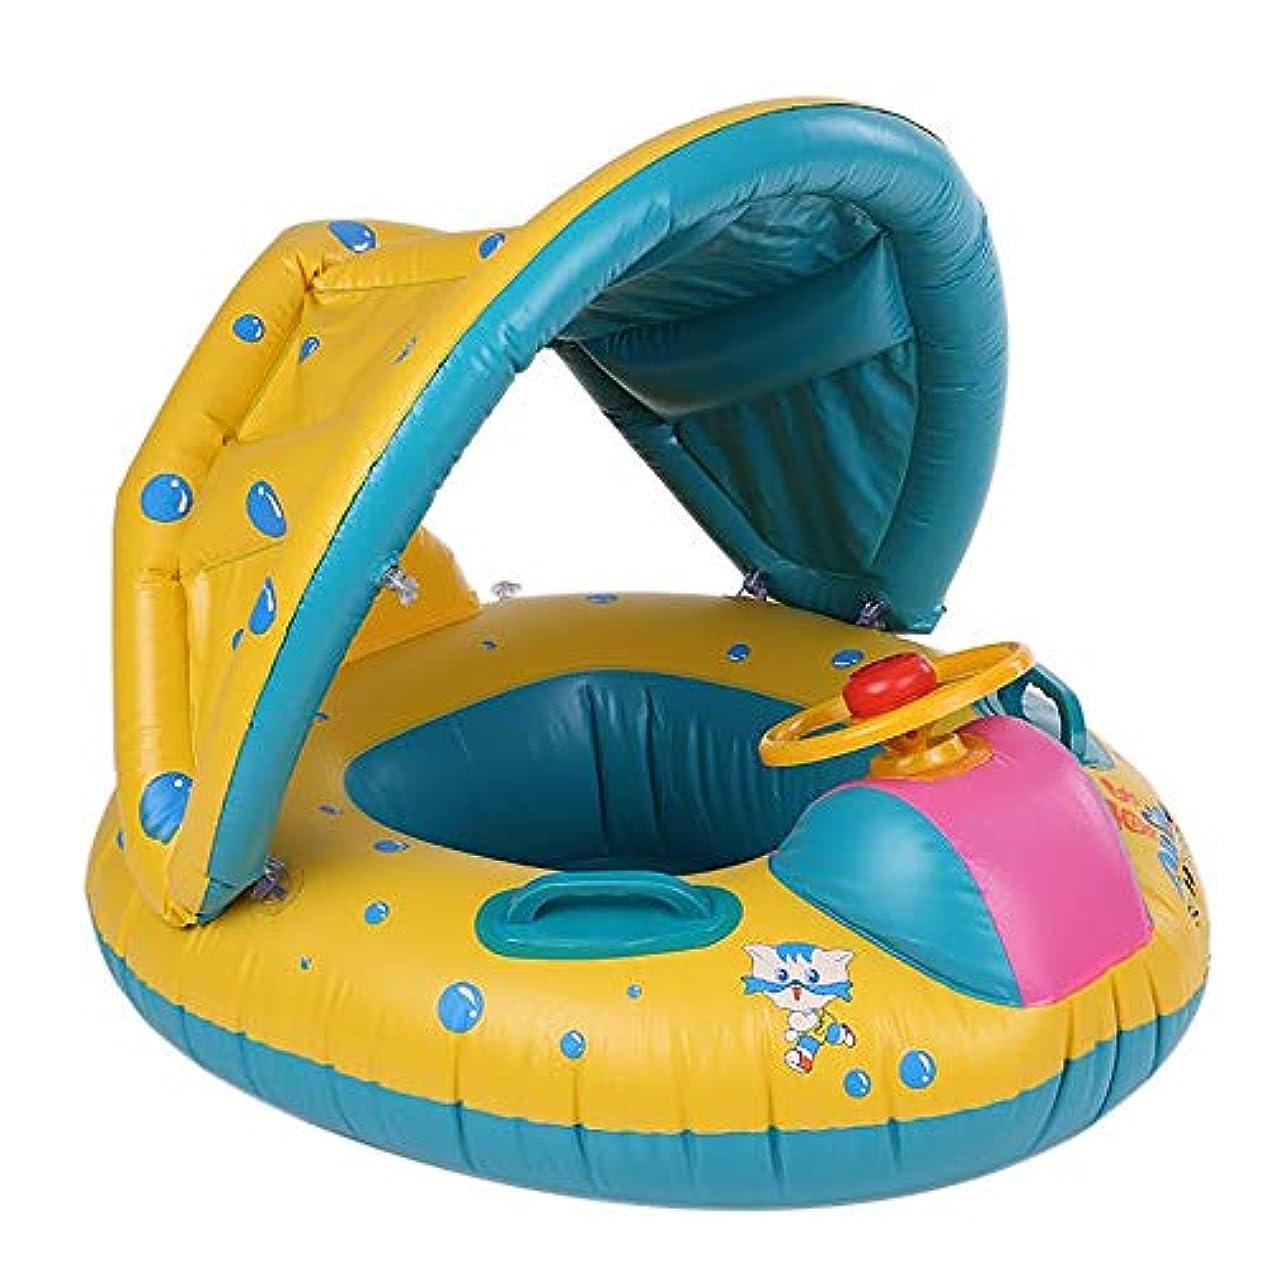 ペルソナ祖父母を訪問異なるプールおもちゃ 浮き輪 強い浮力 可愛い 赤ちゃん 水泳 プール 浮き 輪 プールパーティー 室内 海 用 フロート 日焼け止め 海水浴 足入れ 空気入れ ベビー 浮輪 水泳補助具 海フロート